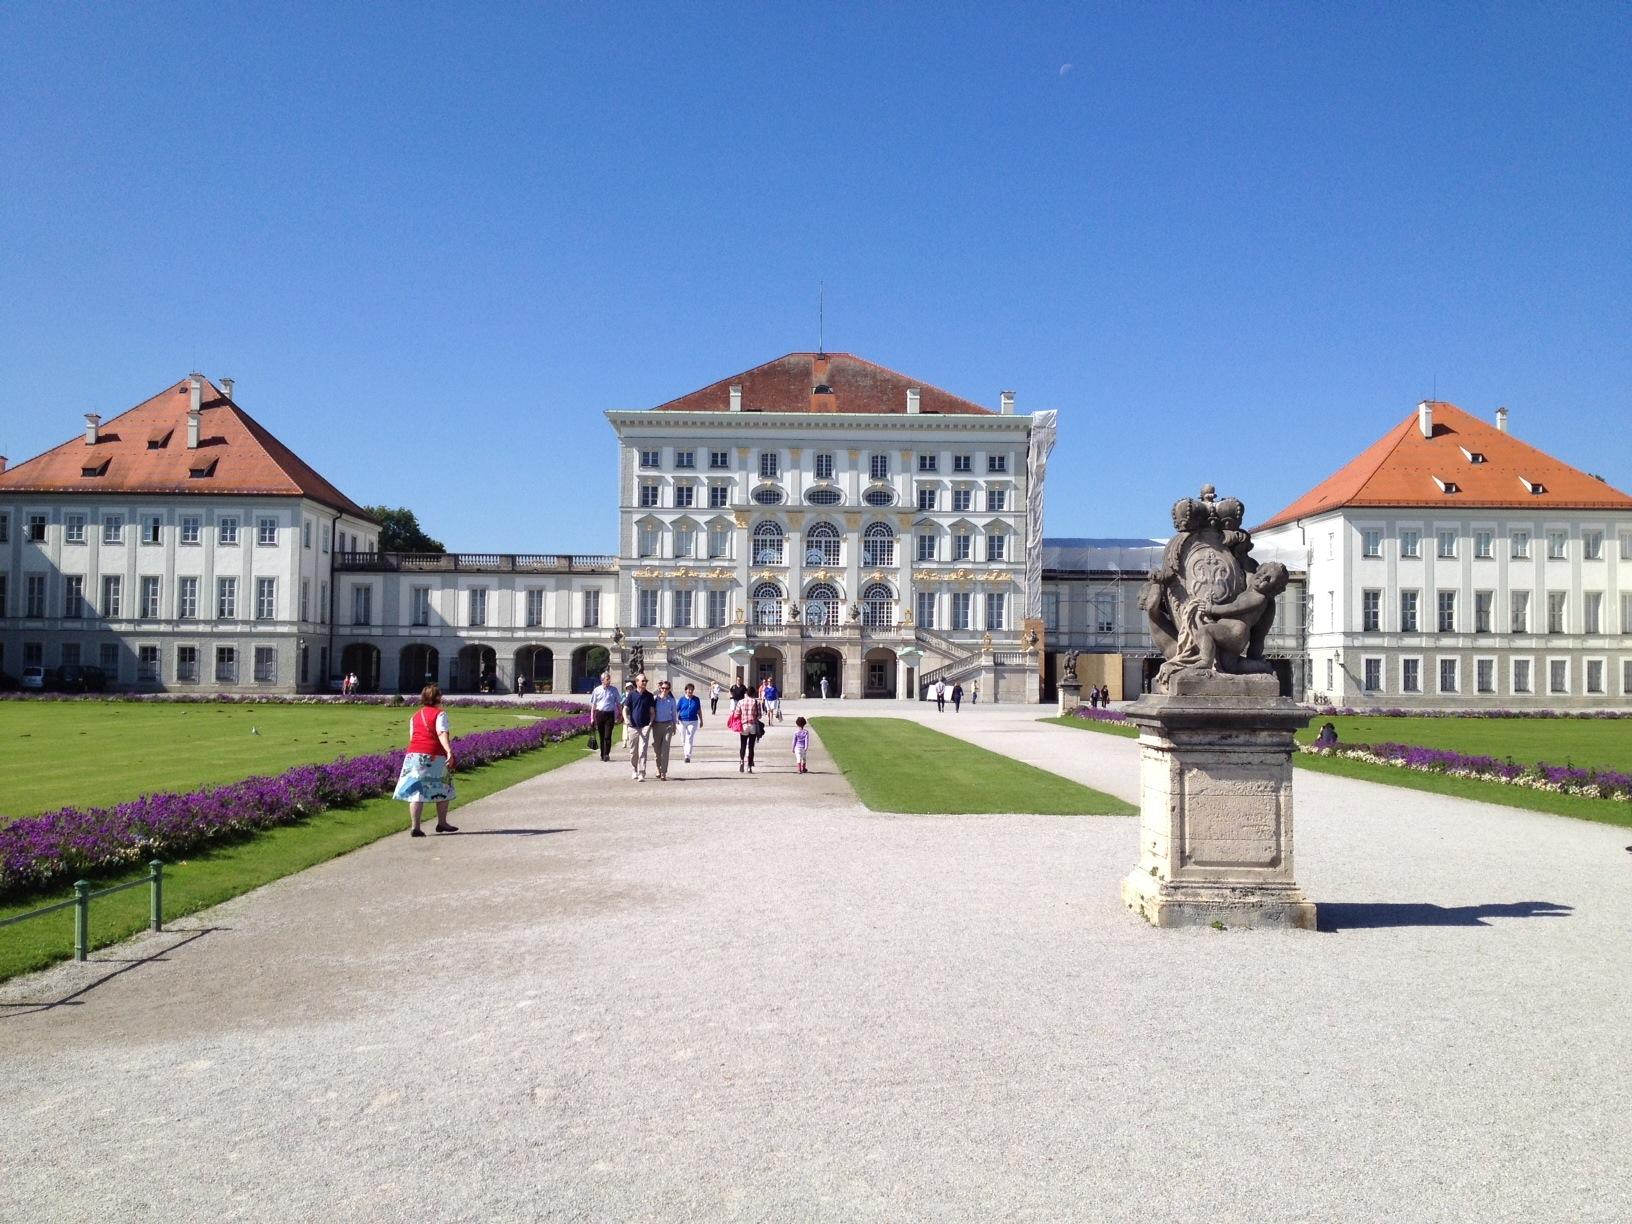 Sehenswertes - Schloß Nymphenburg